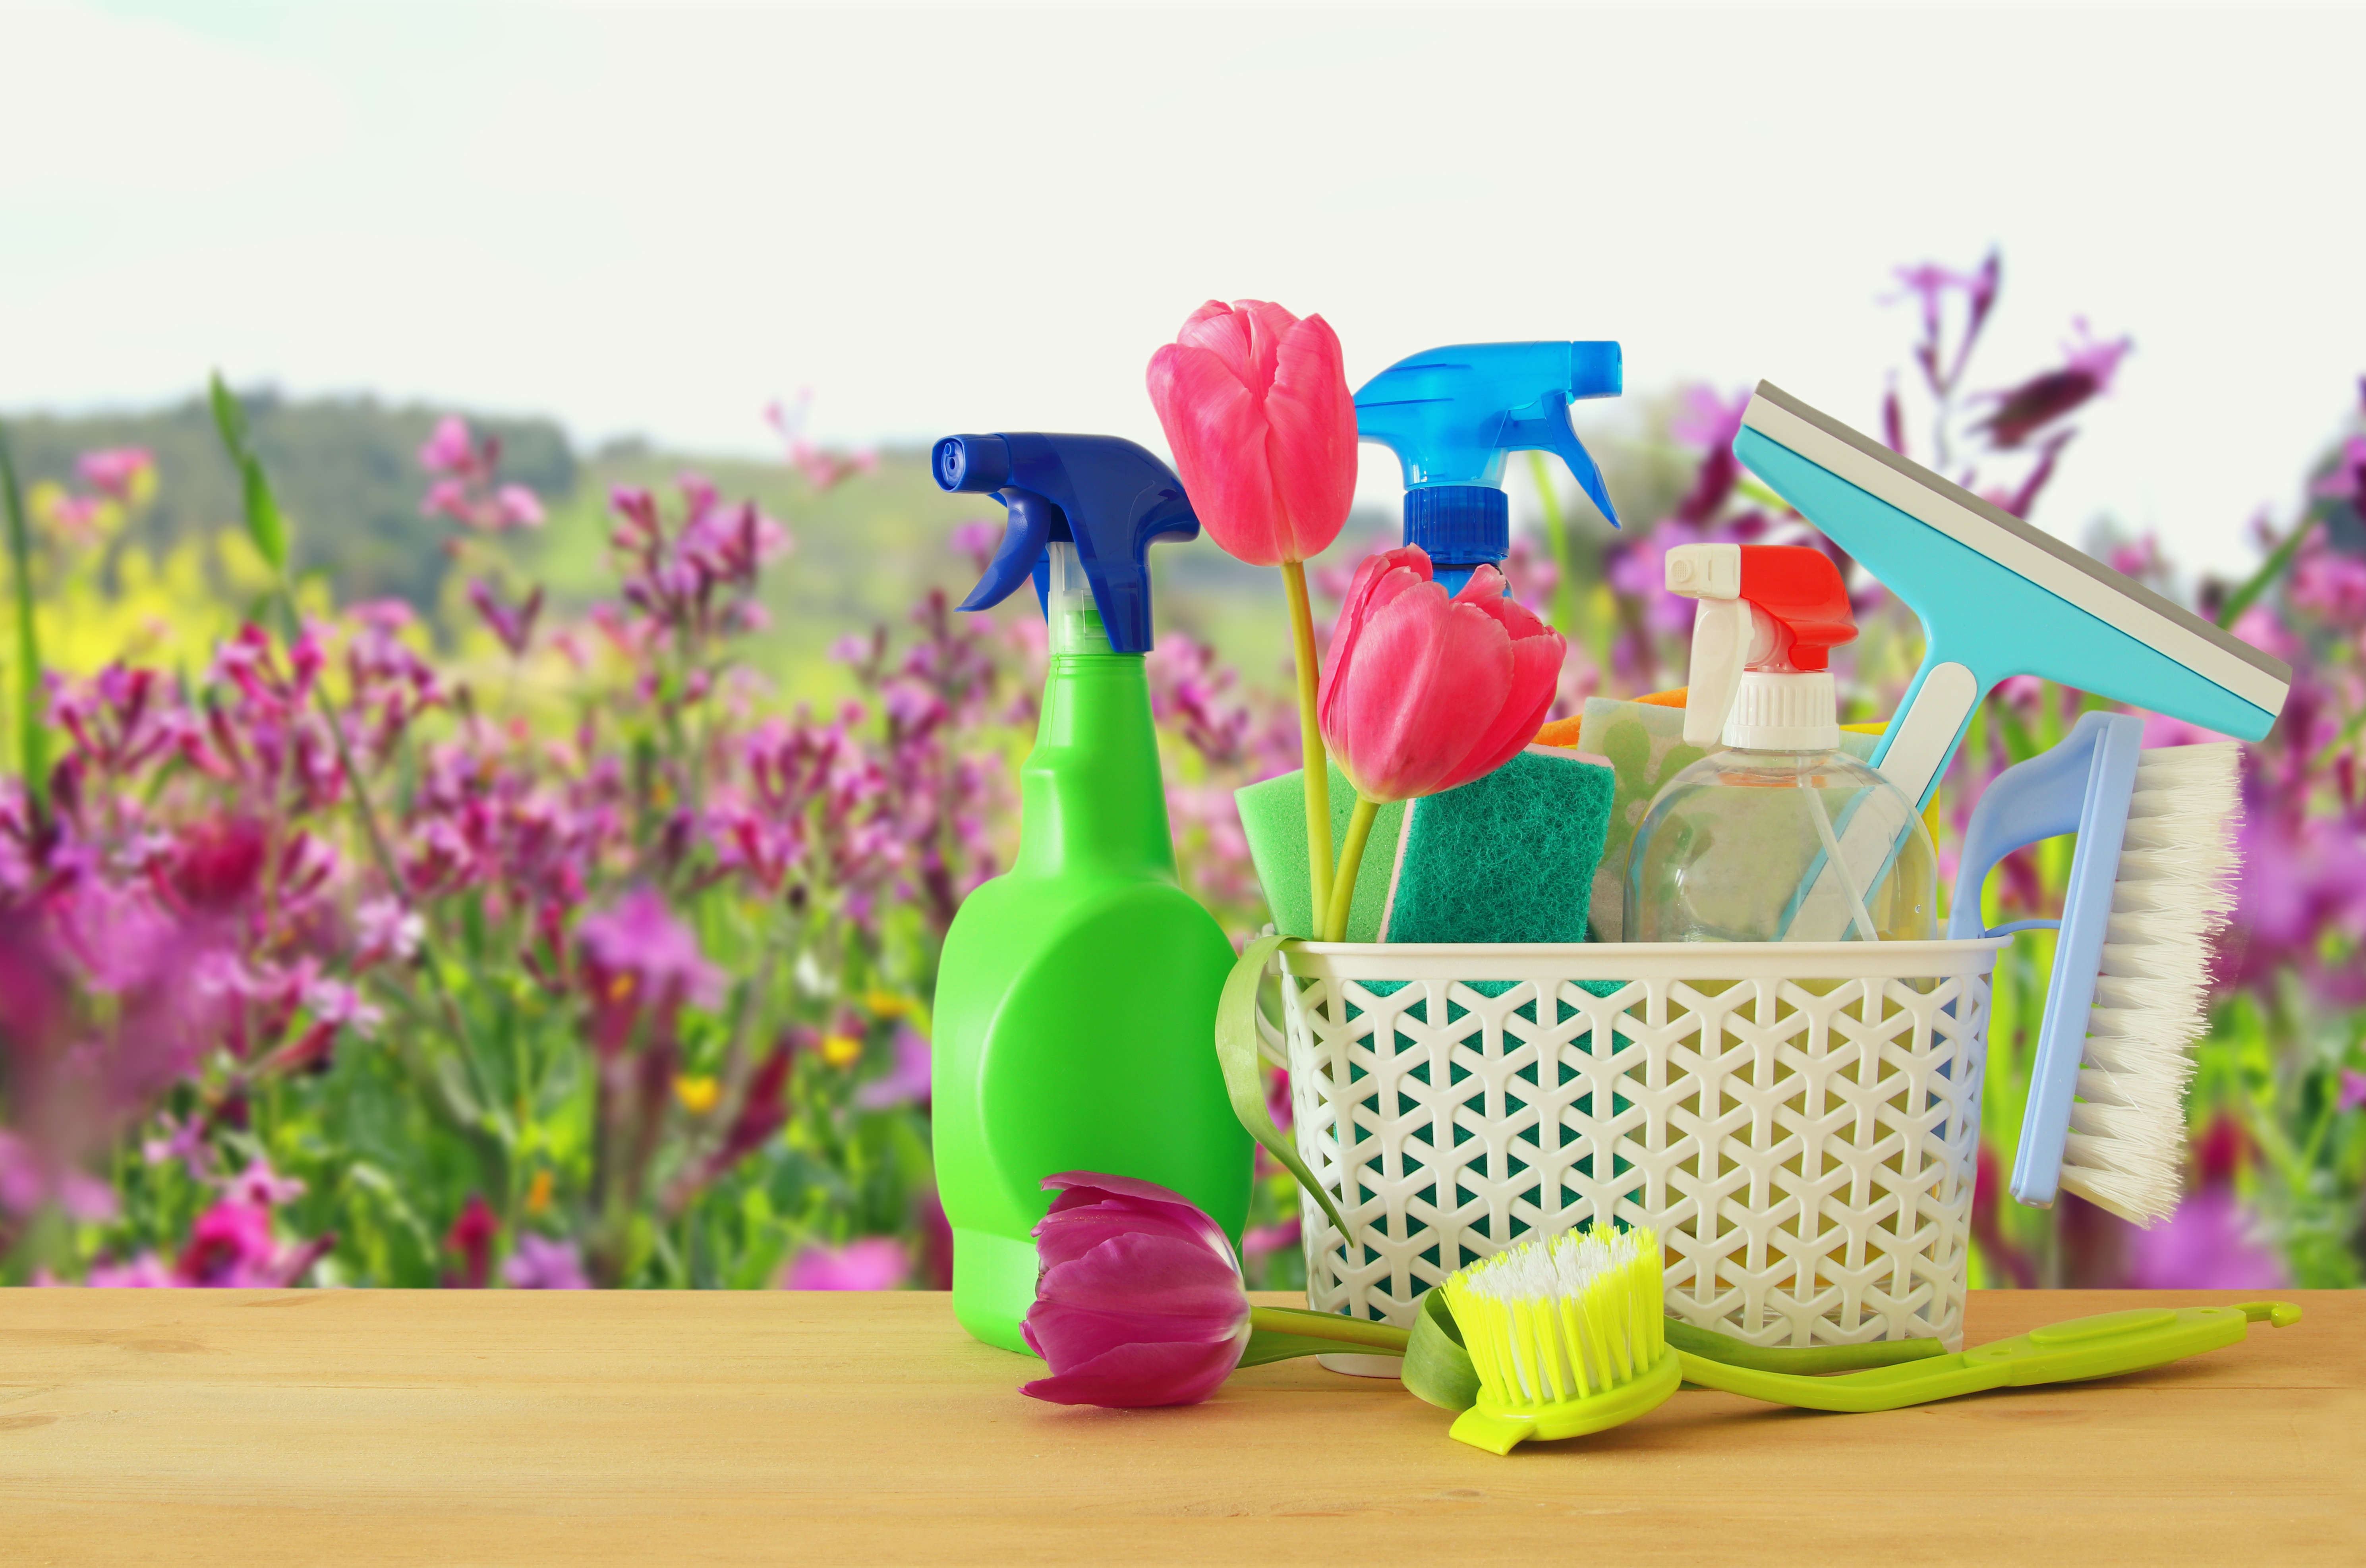 4 produits naturels pour le grand ménage de printemps - Conseils - Blog La Foir'Fouille